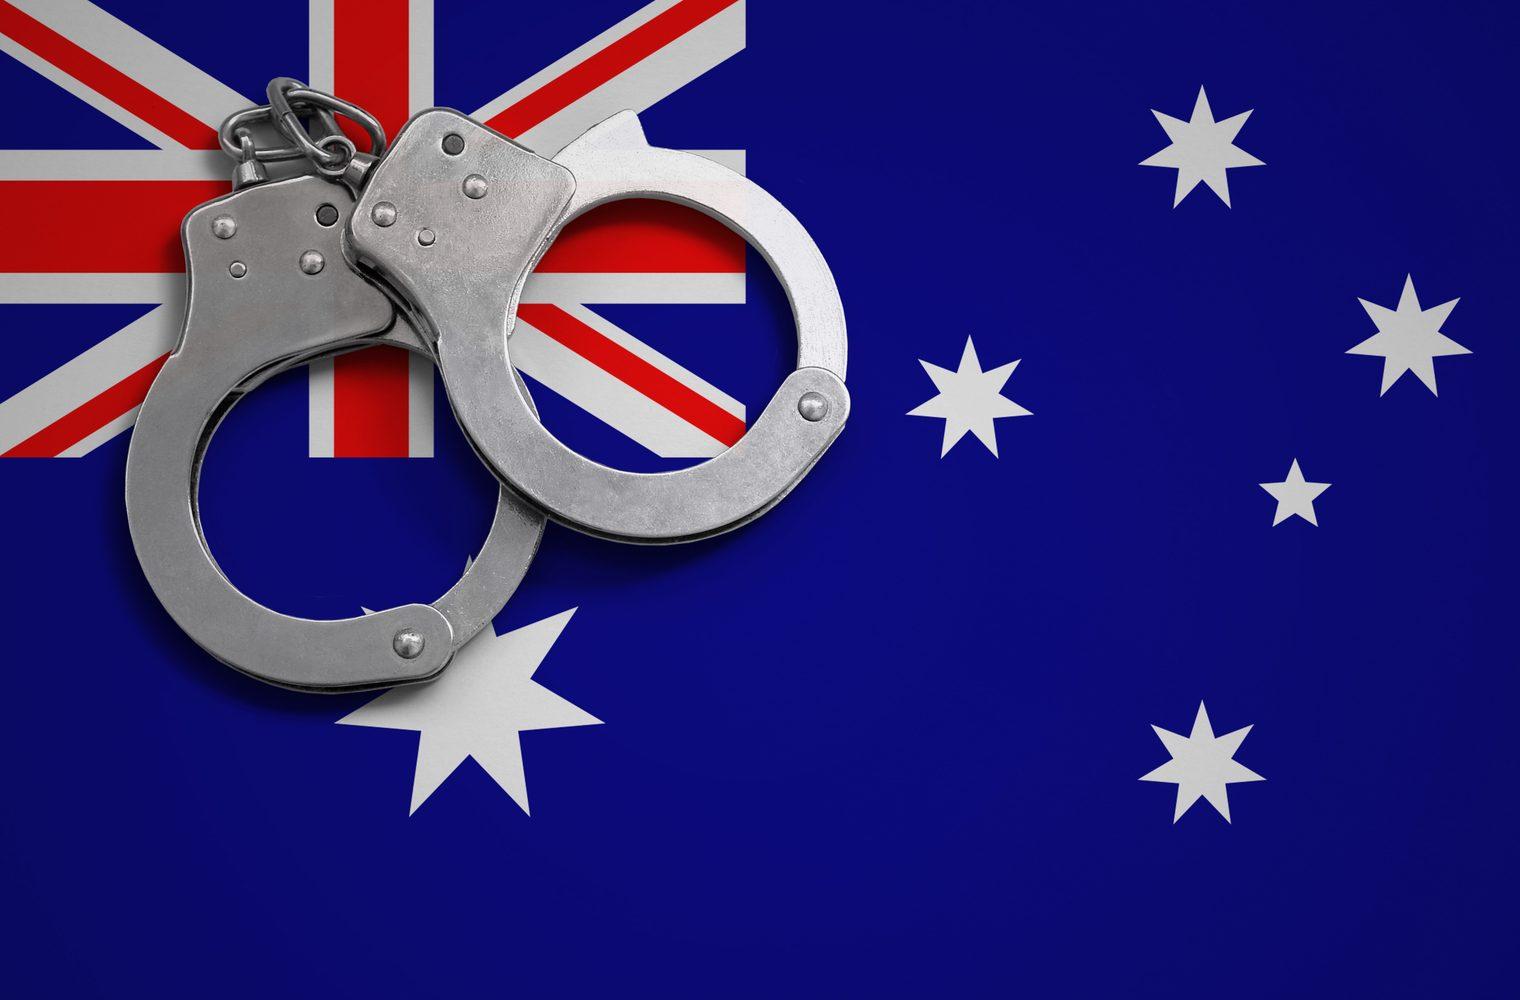 La Conferencia Internacional de Cumplimiento de la Ley aborda la criptomoneda y la 'economía criminal'